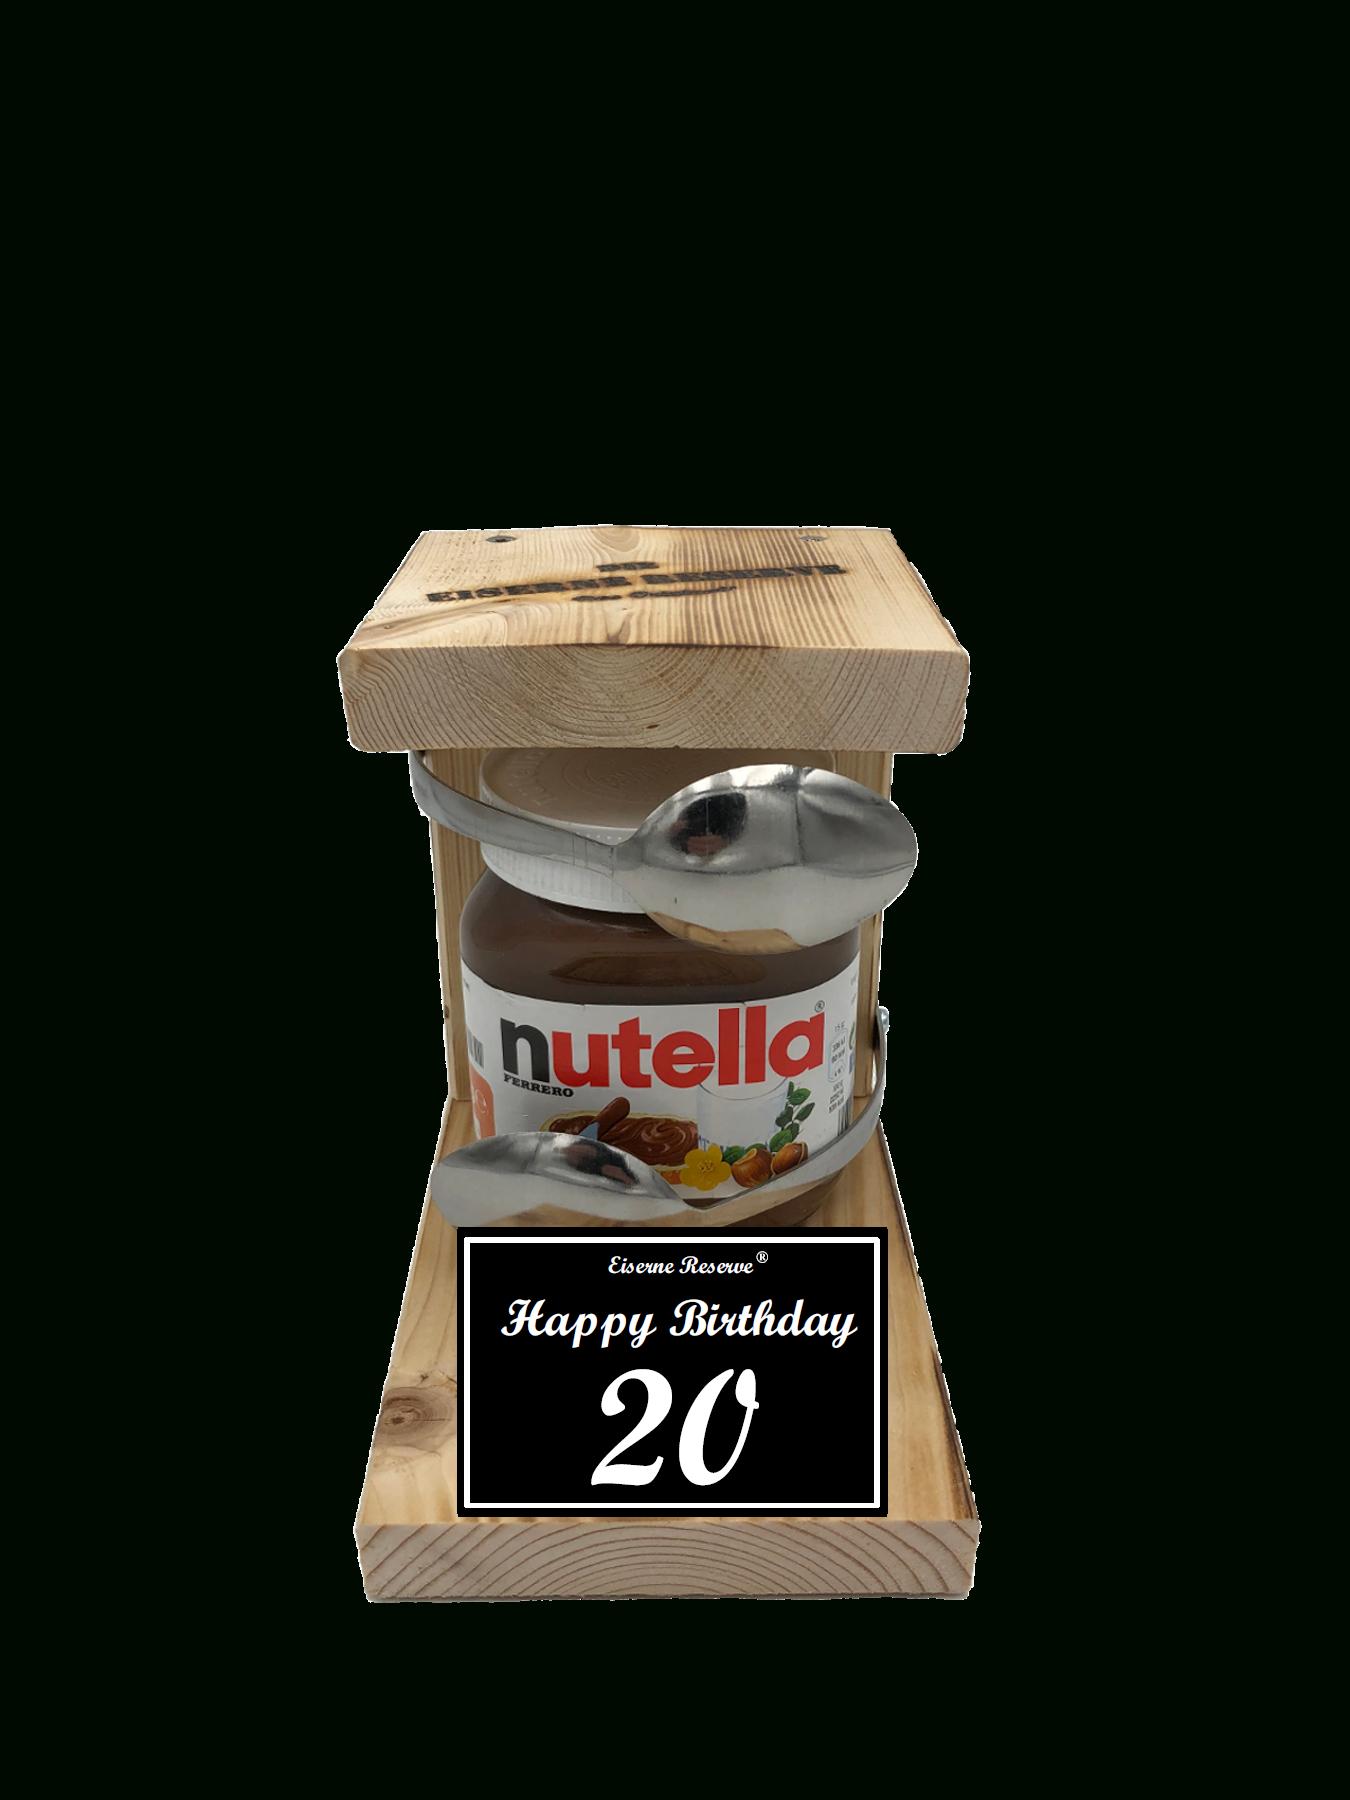 20 Happy Birthday Löffel Nutella Geschenk - Die Nutella Geschenkidee verwandt mit Lustige Geschenke Zum 20 Geburtstag Selber Machen